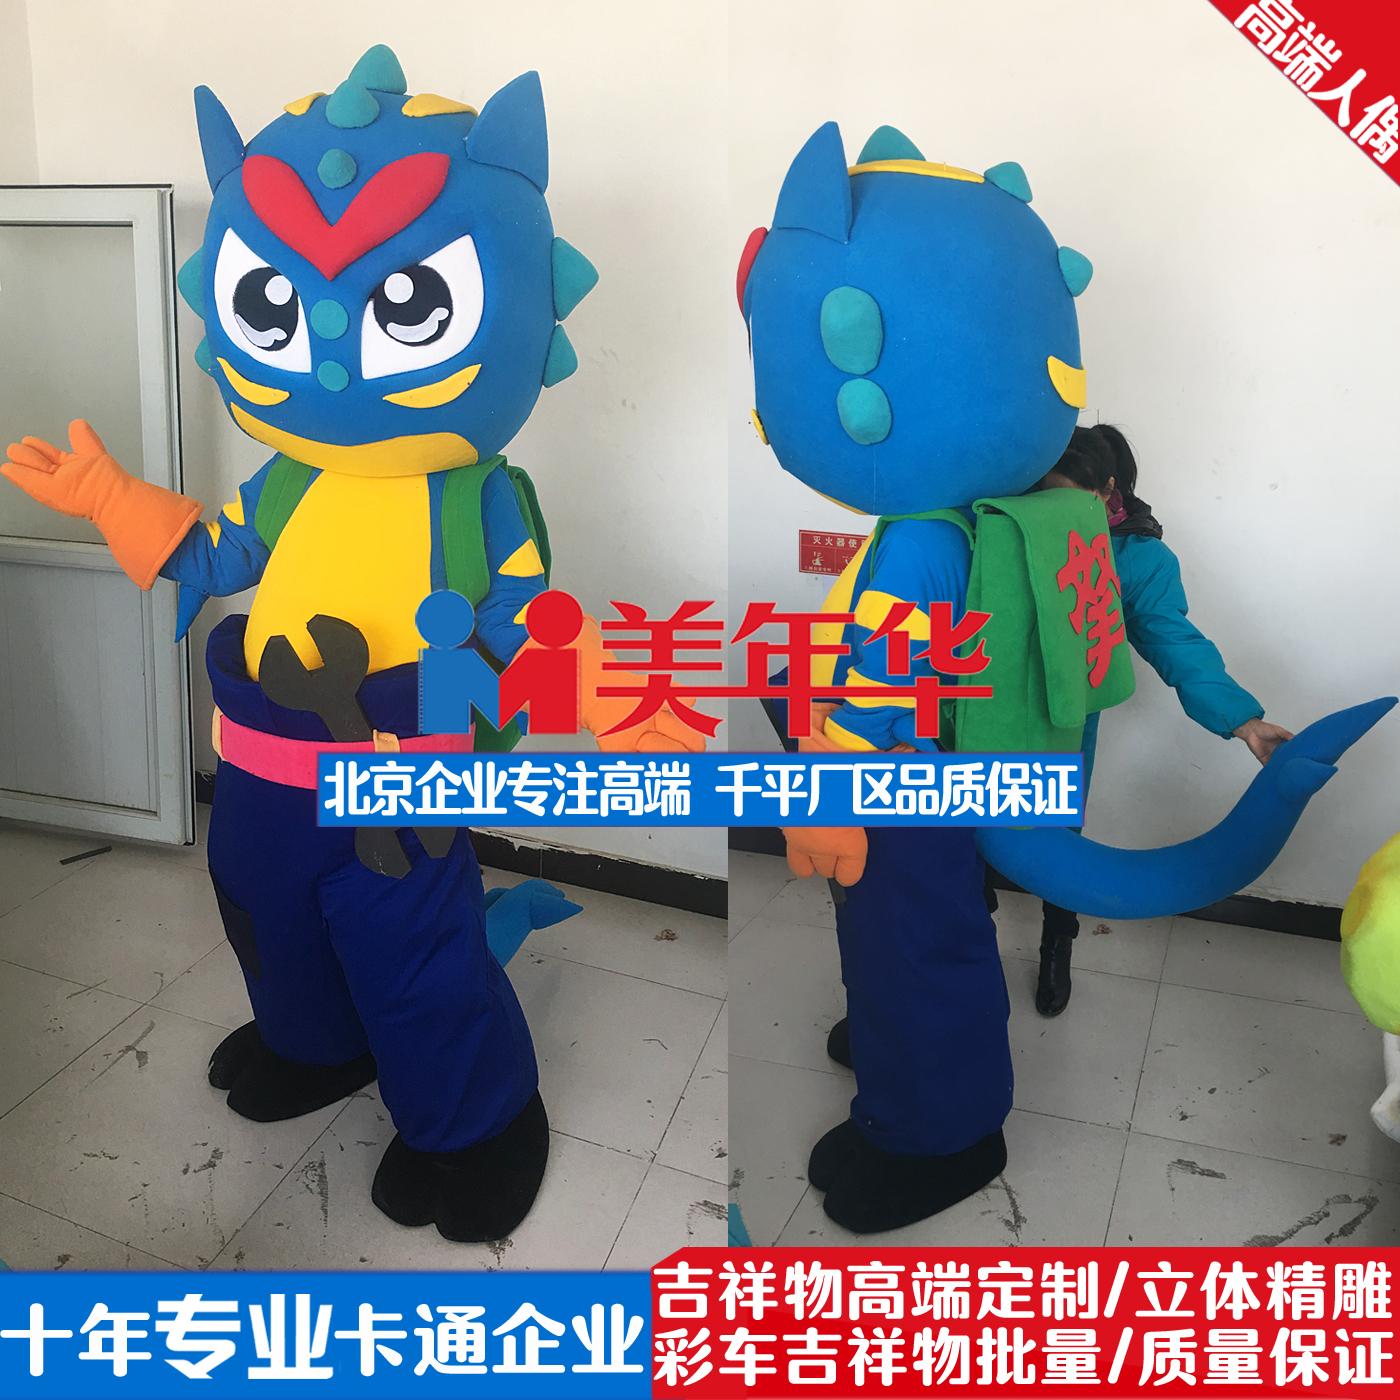 包邮龙cos玩偶舞台动漫演出电影道具来图定制卡通人偶服装定做